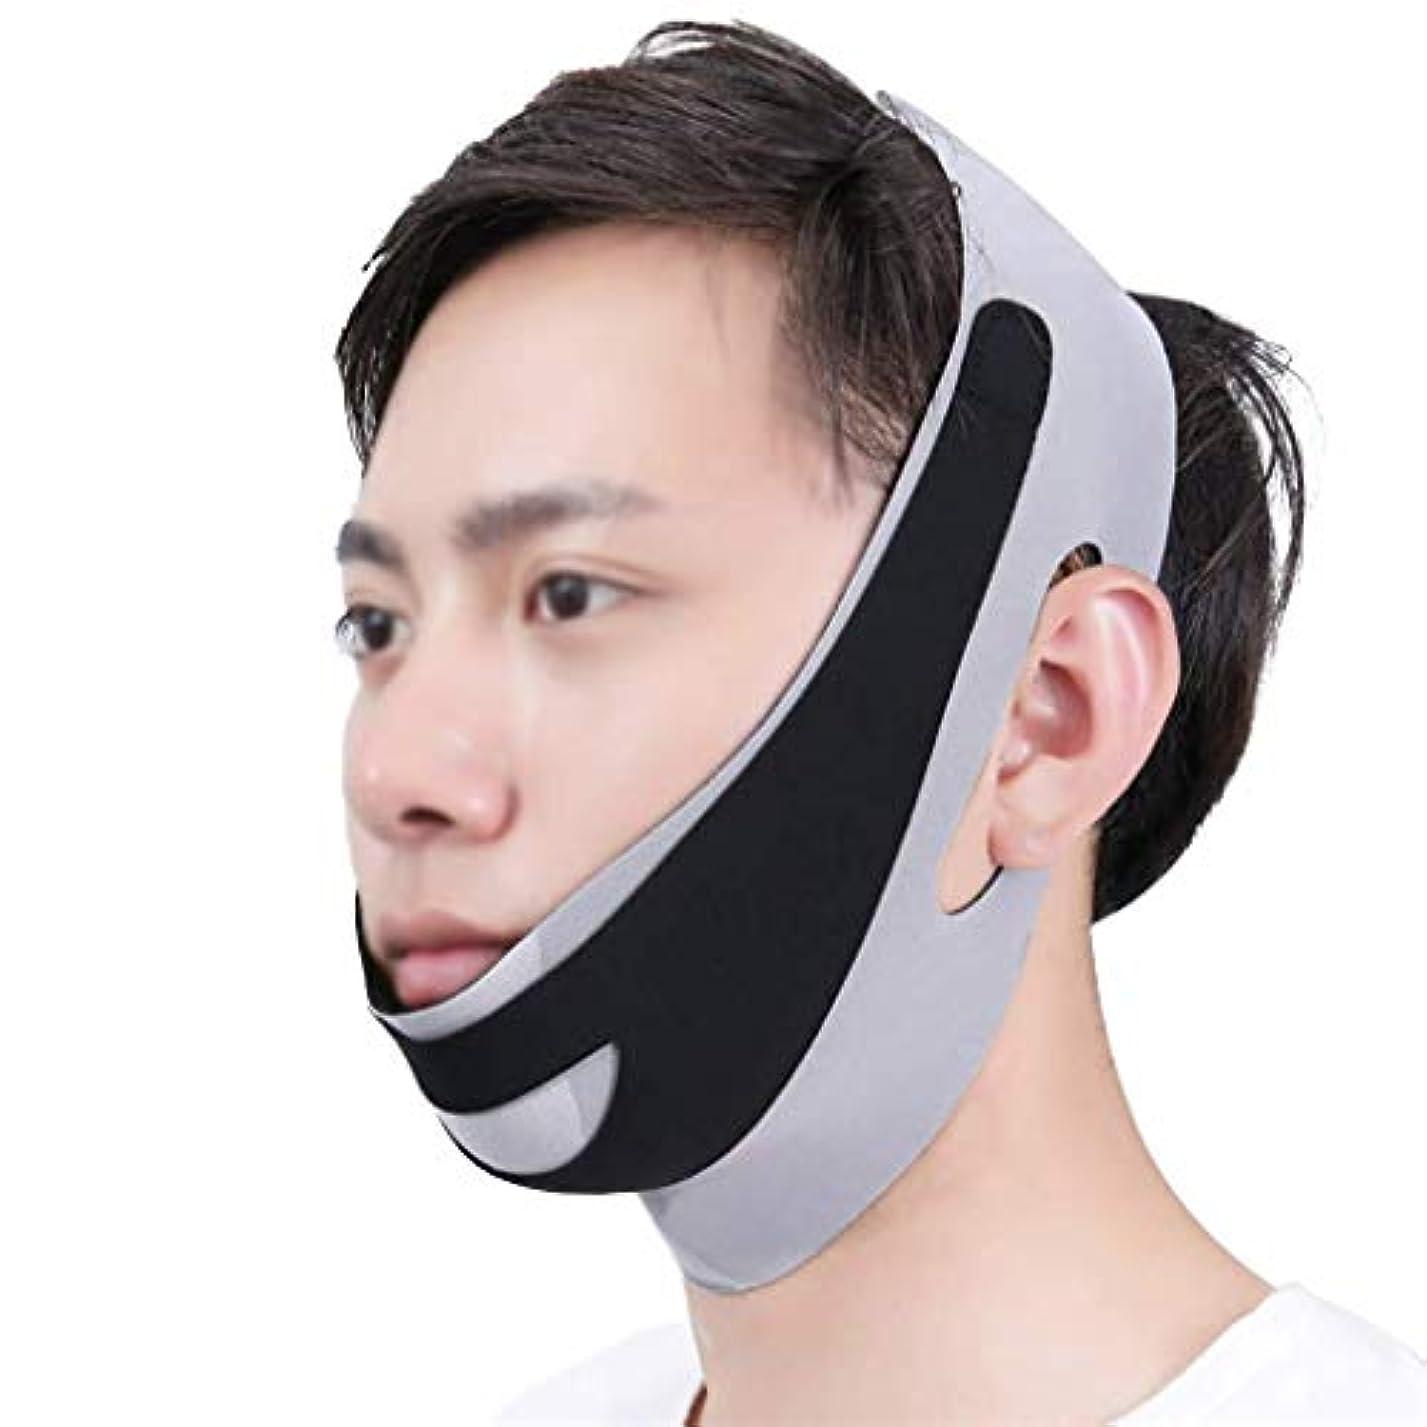 グラフィックピッチ傑出した顔と首のリフト術後の弾性フェイスマスク小さなV顔アーティファクト薄い顔包帯アーティファクトV顔ぶら下げ耳リフティング引き締め男性の顔アーティファクト